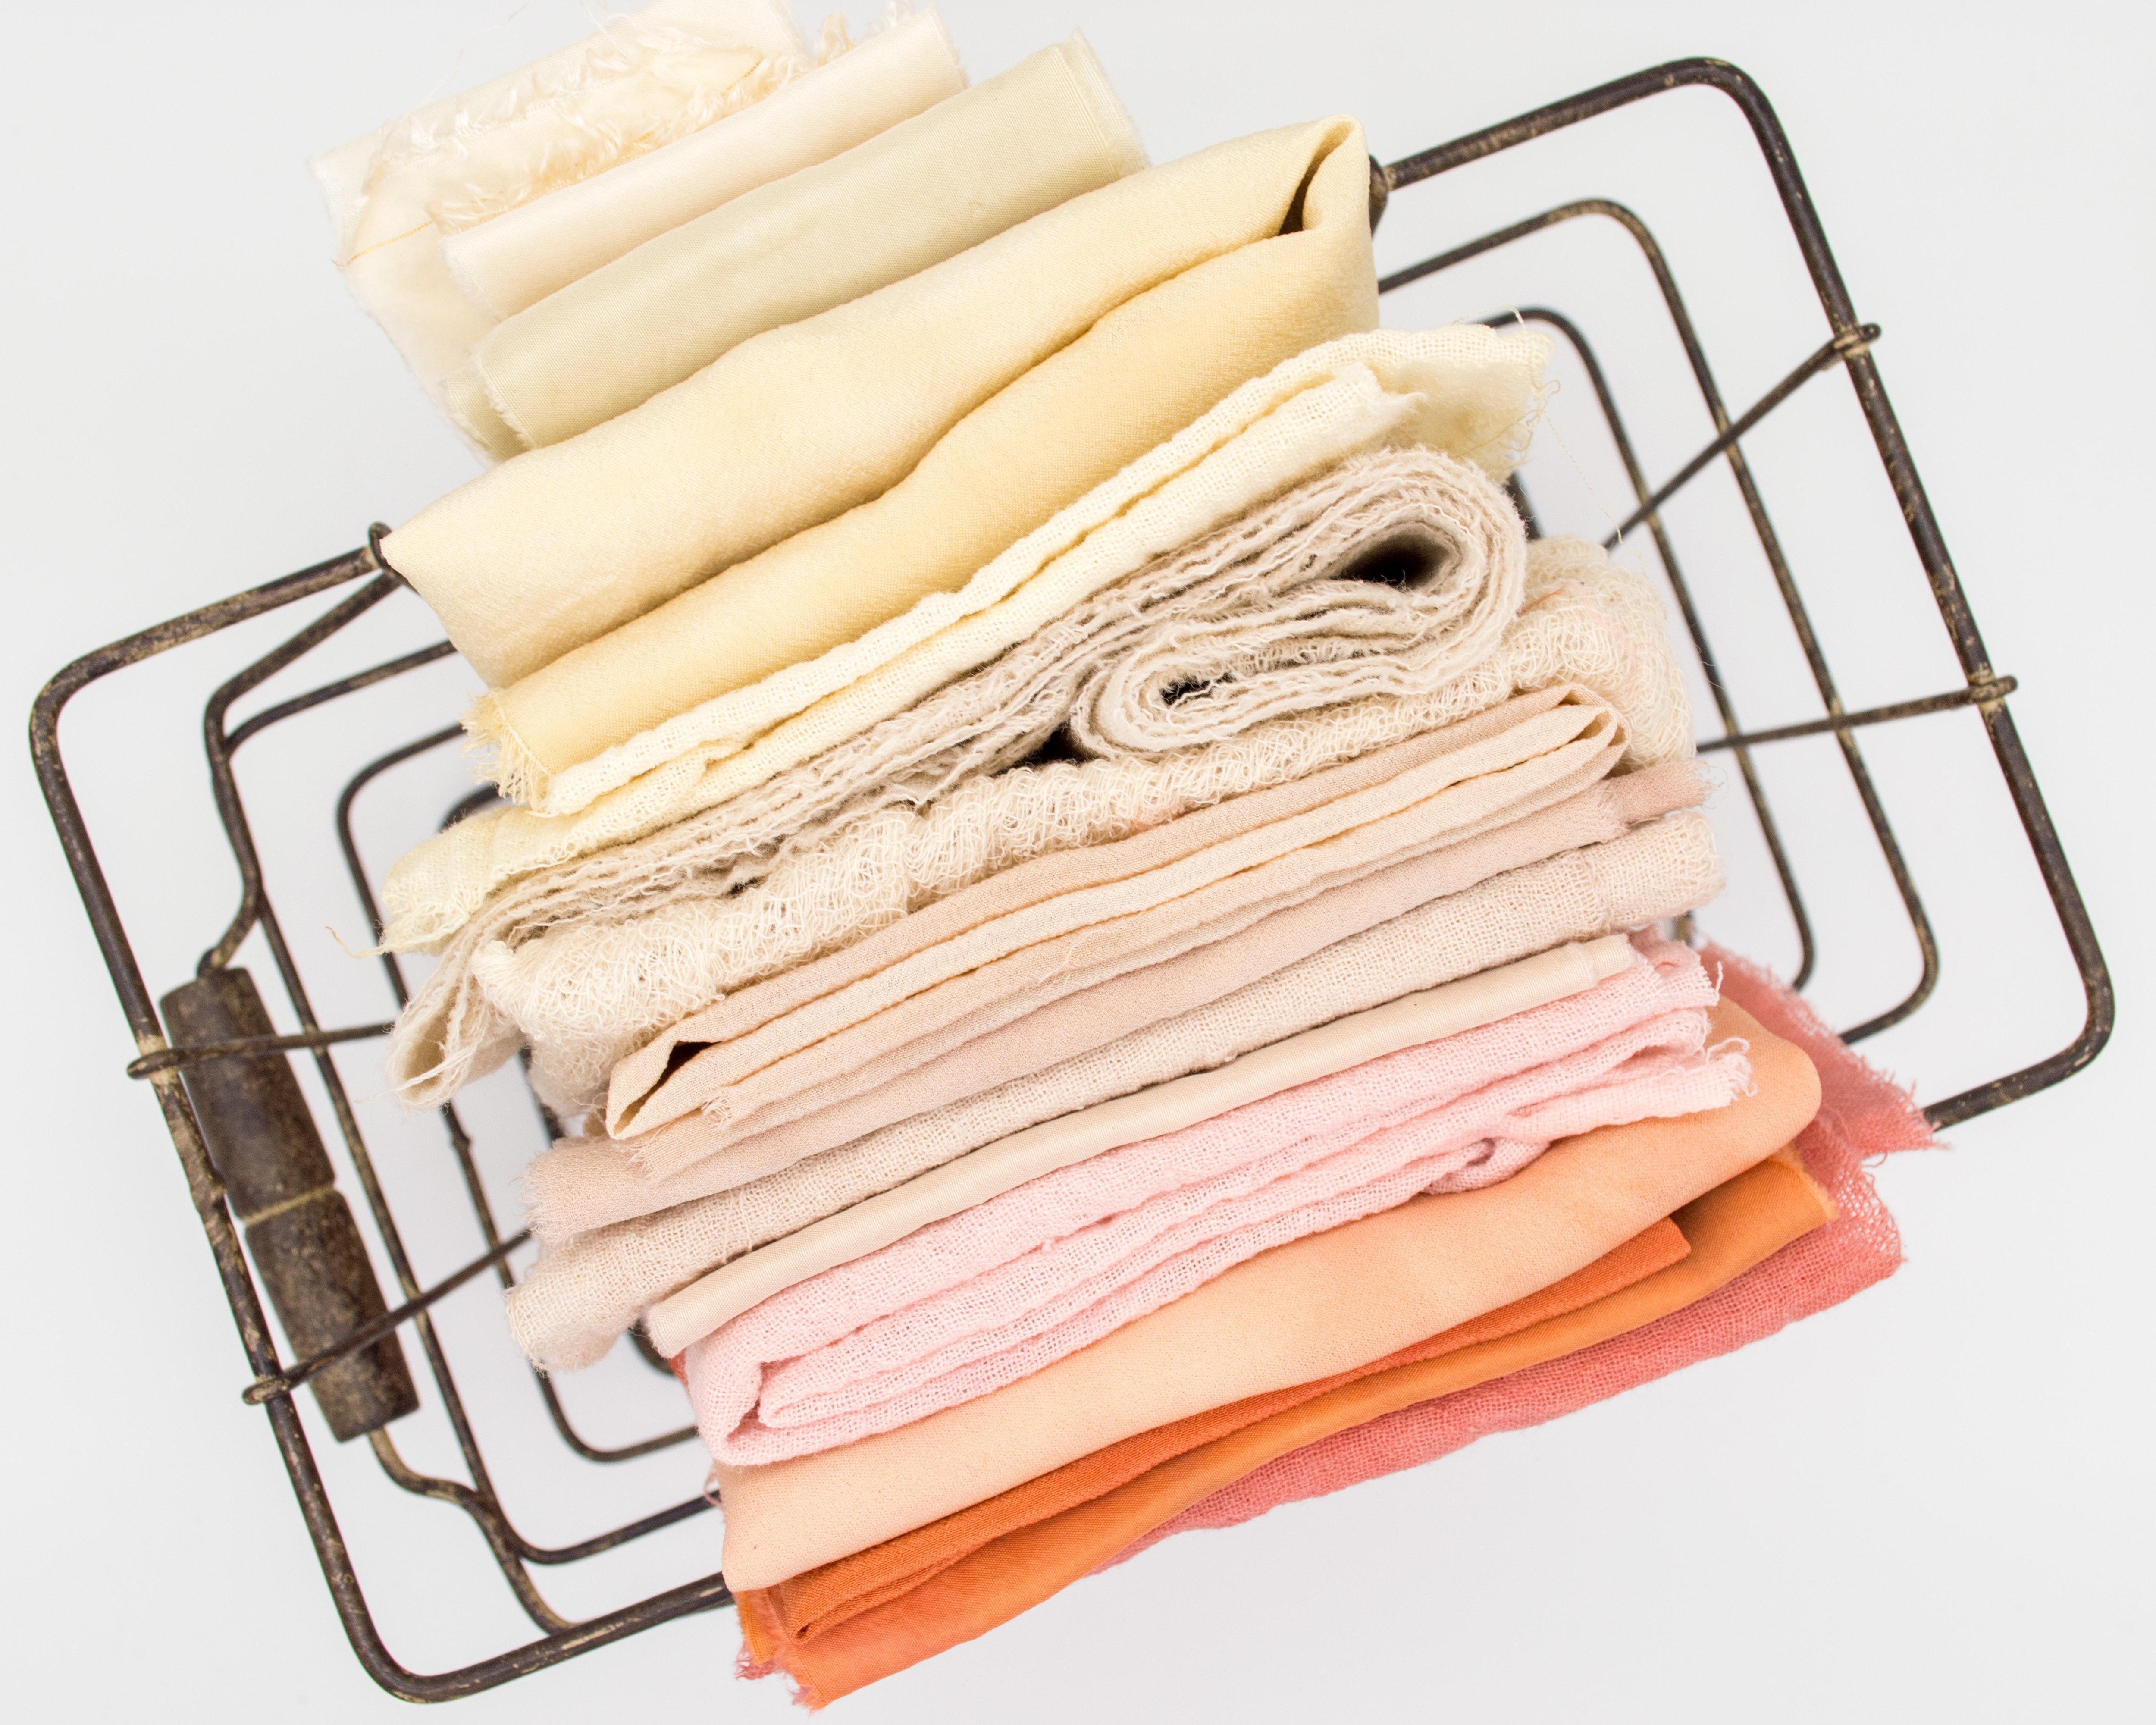 textiles export import